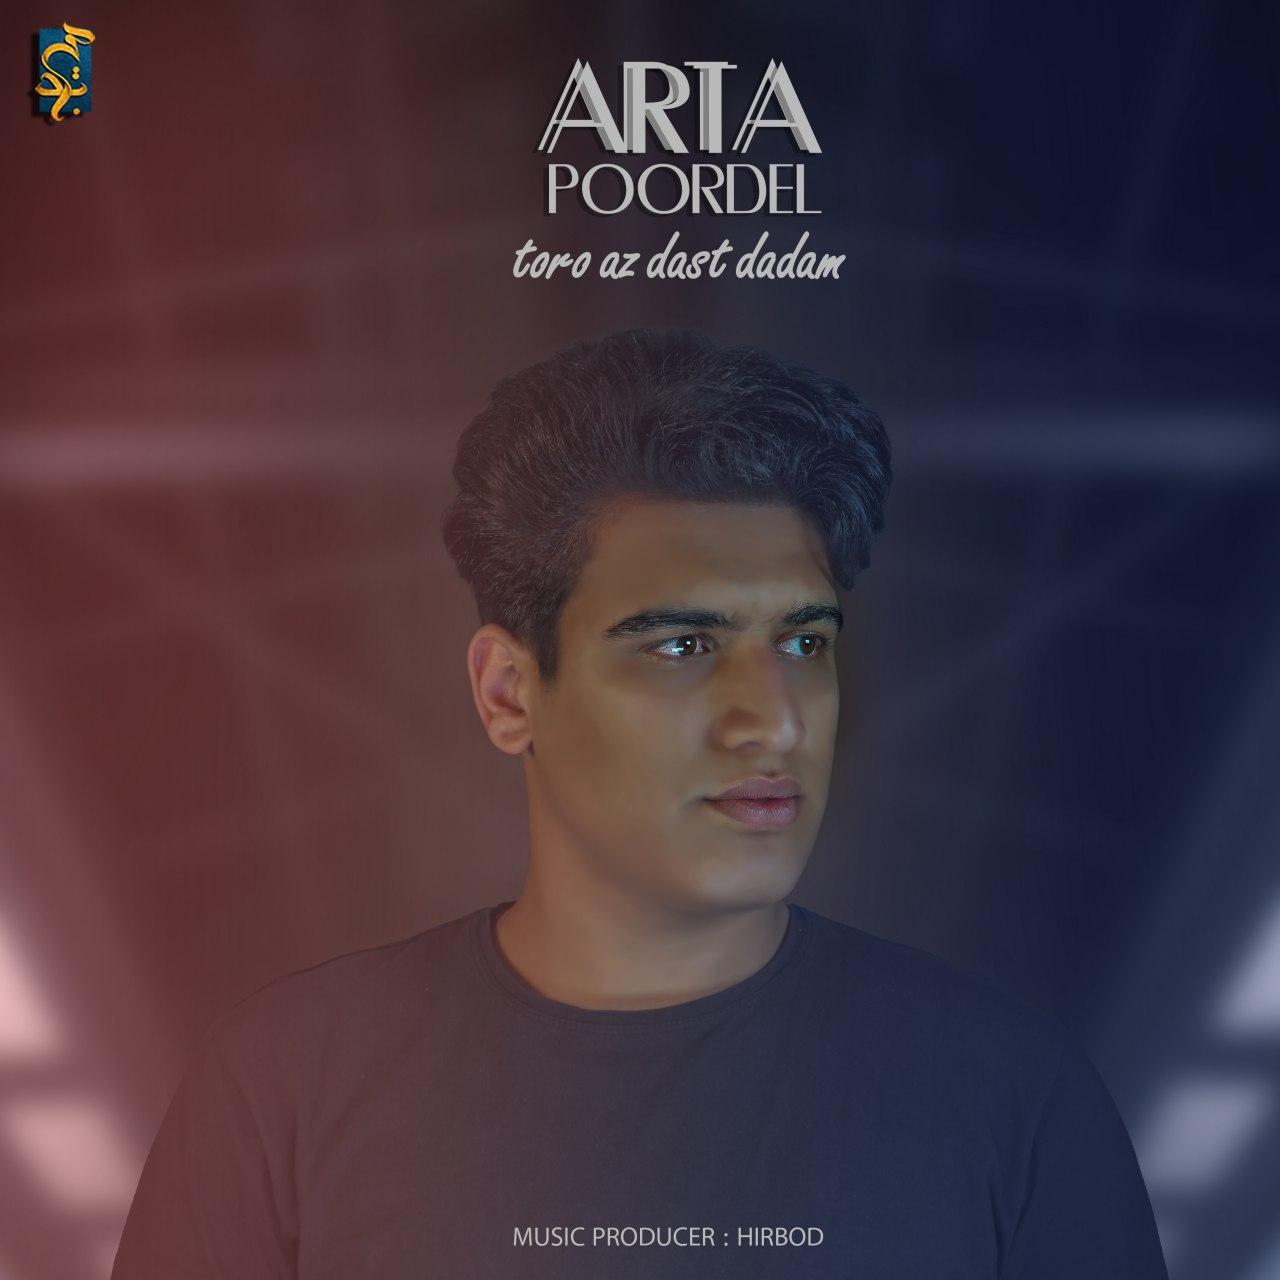 Arta Poordel – Toro Az Dast Dadam